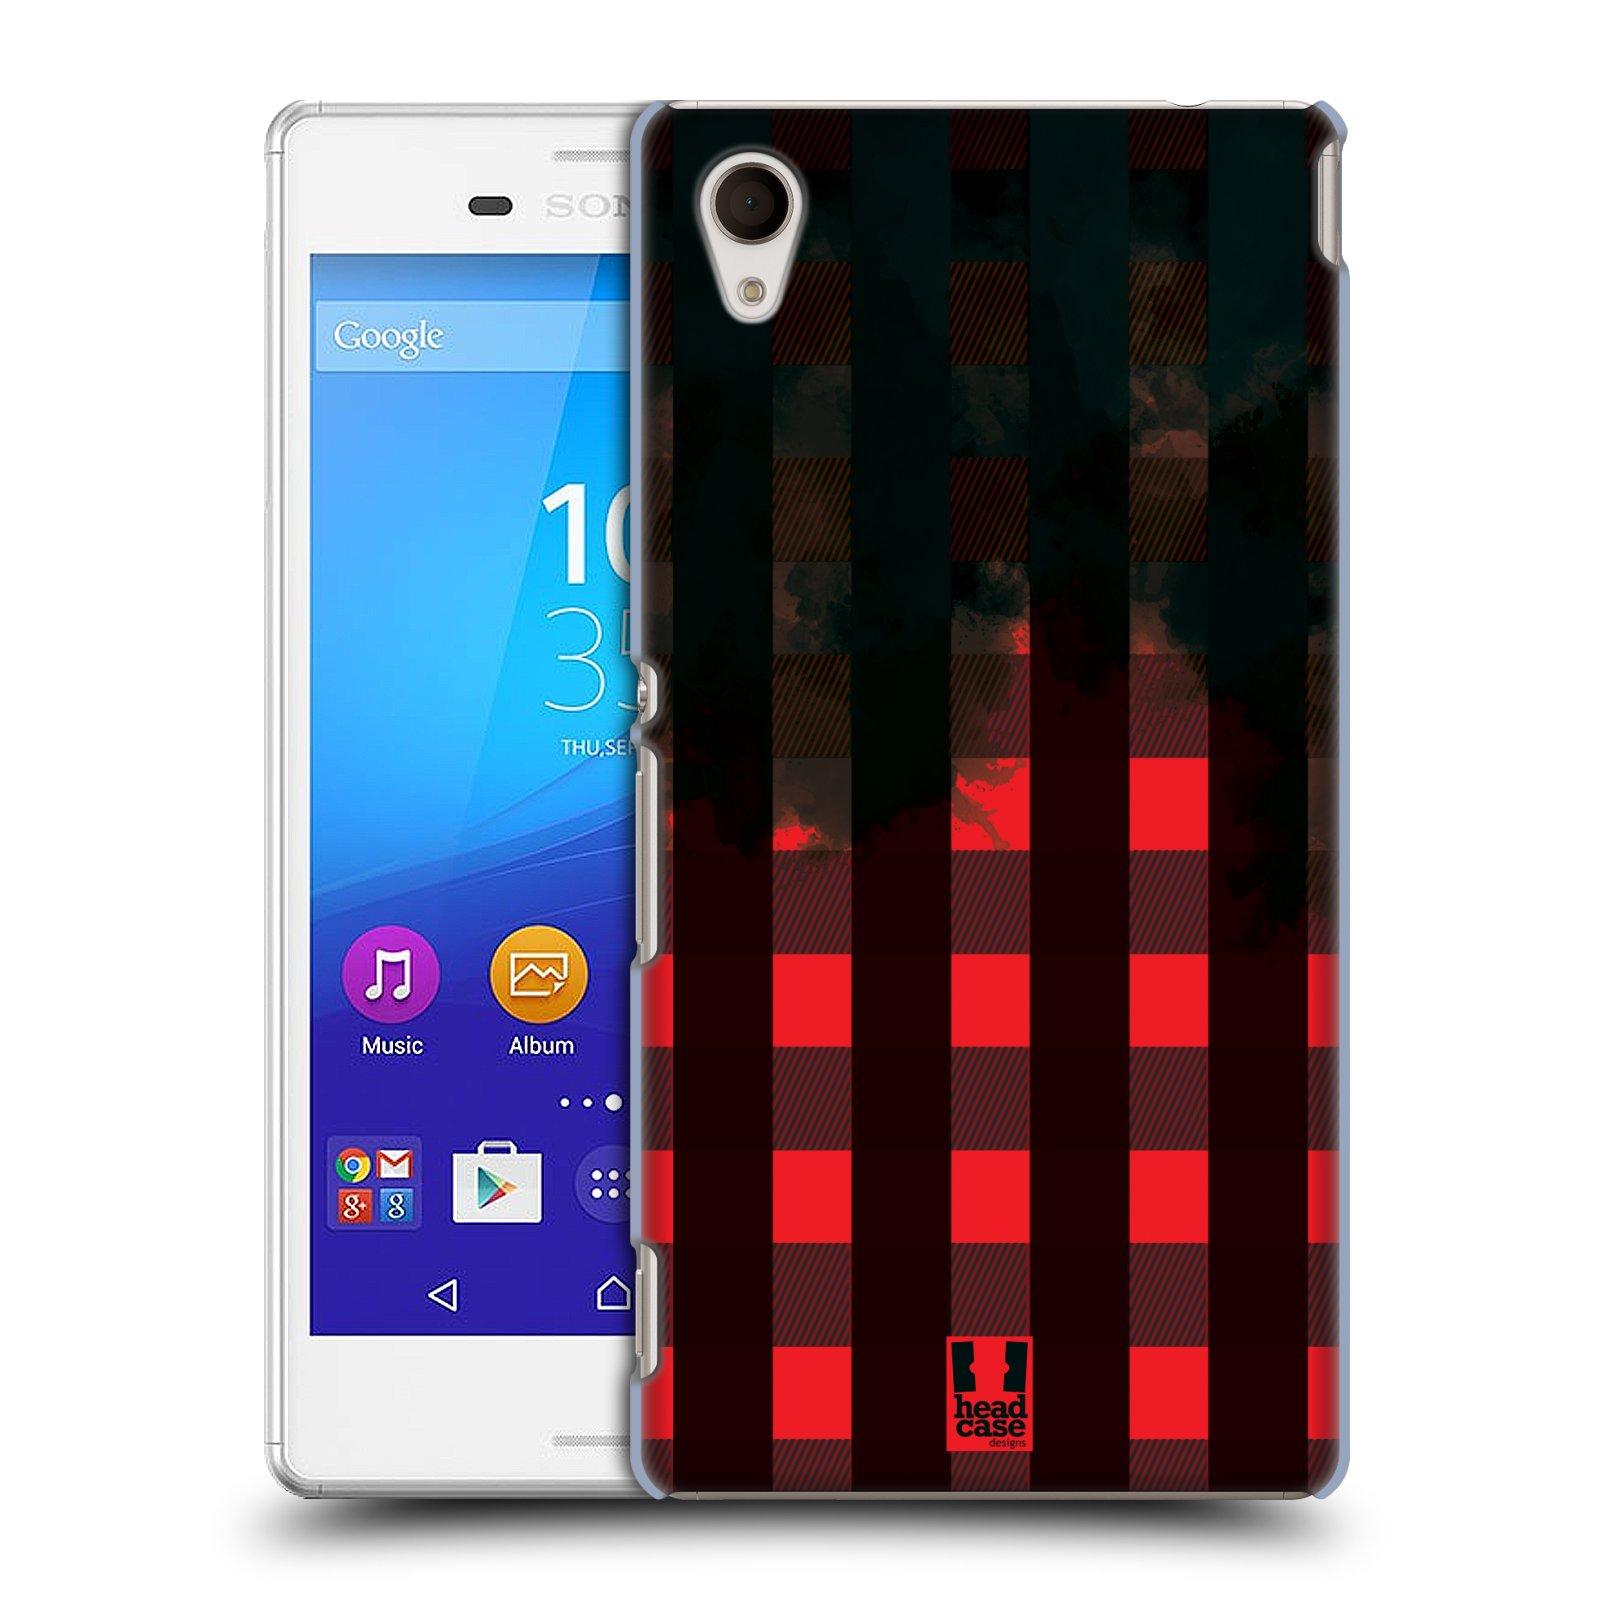 Plastové pouzdro na mobil Sony Xperia M4 Aqua E2303 HEAD CASE FLANEL RED BLACK (Kryt či obal na mobilní telefon Sony Xperia M4 Aqua a M4 Aqua Dual SIM)